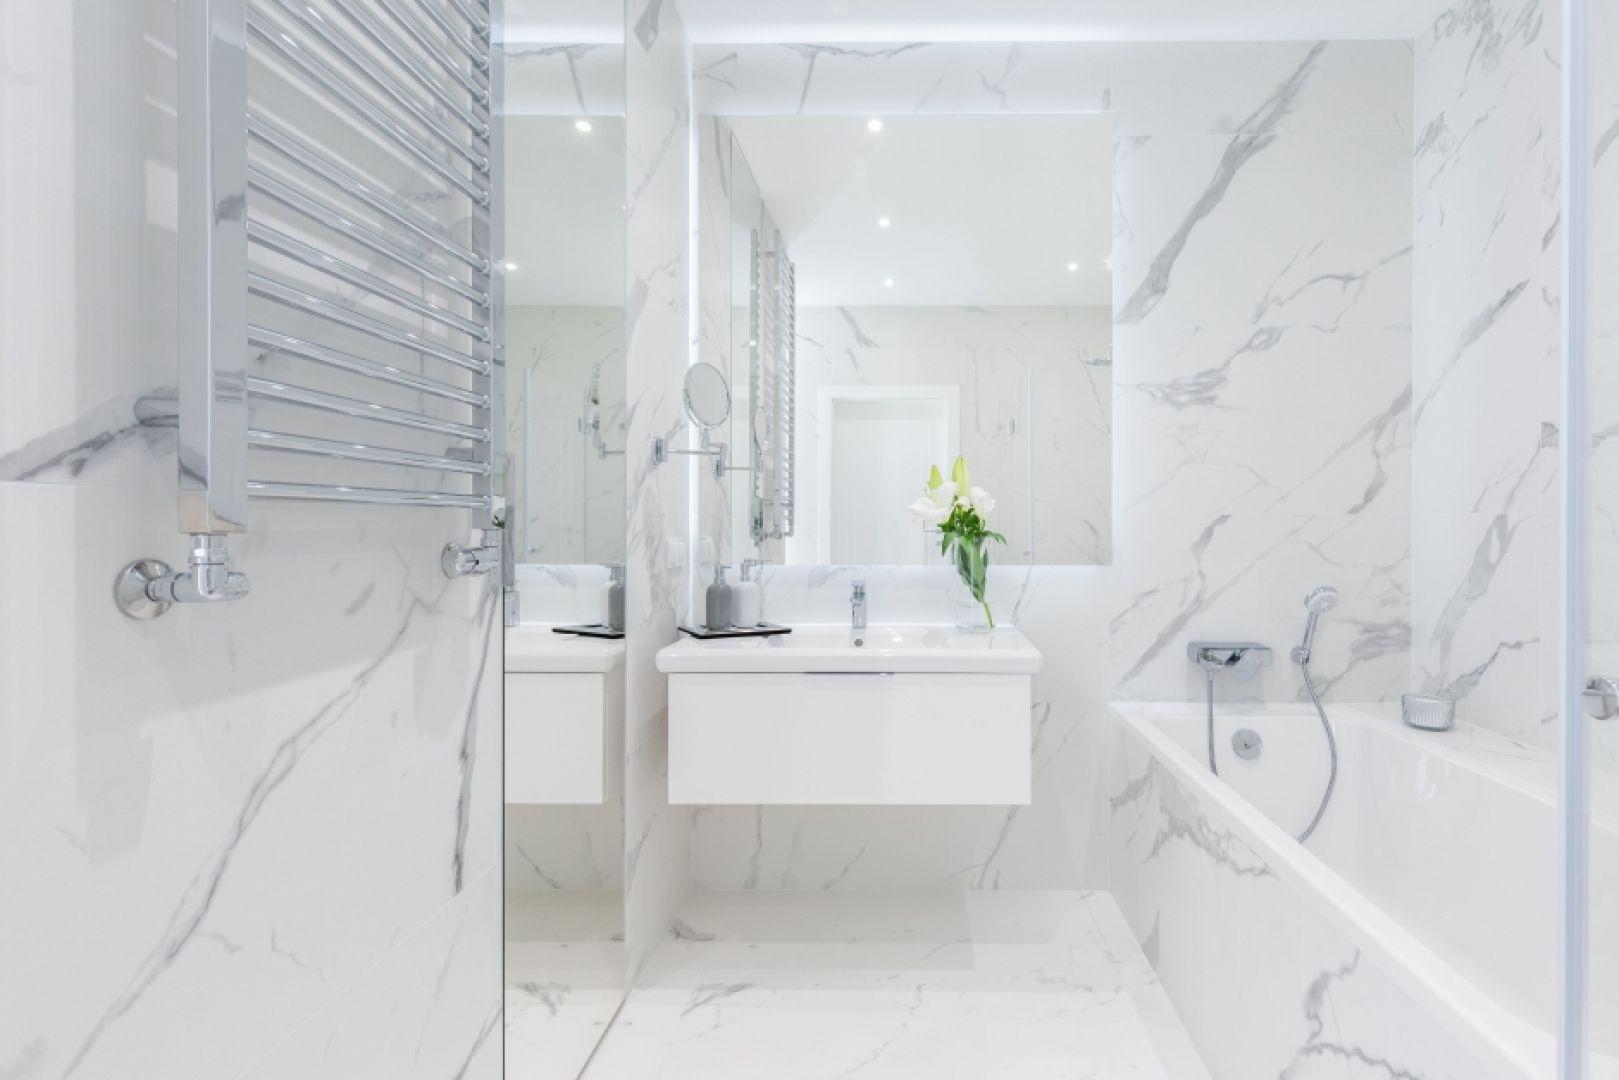 Dziś już nie wystarcza nam łazienka czysta i praktyczna. Warto, by była inspirująca, piękna i dopasowana do naszych potrzeb. Fot. Decoroom